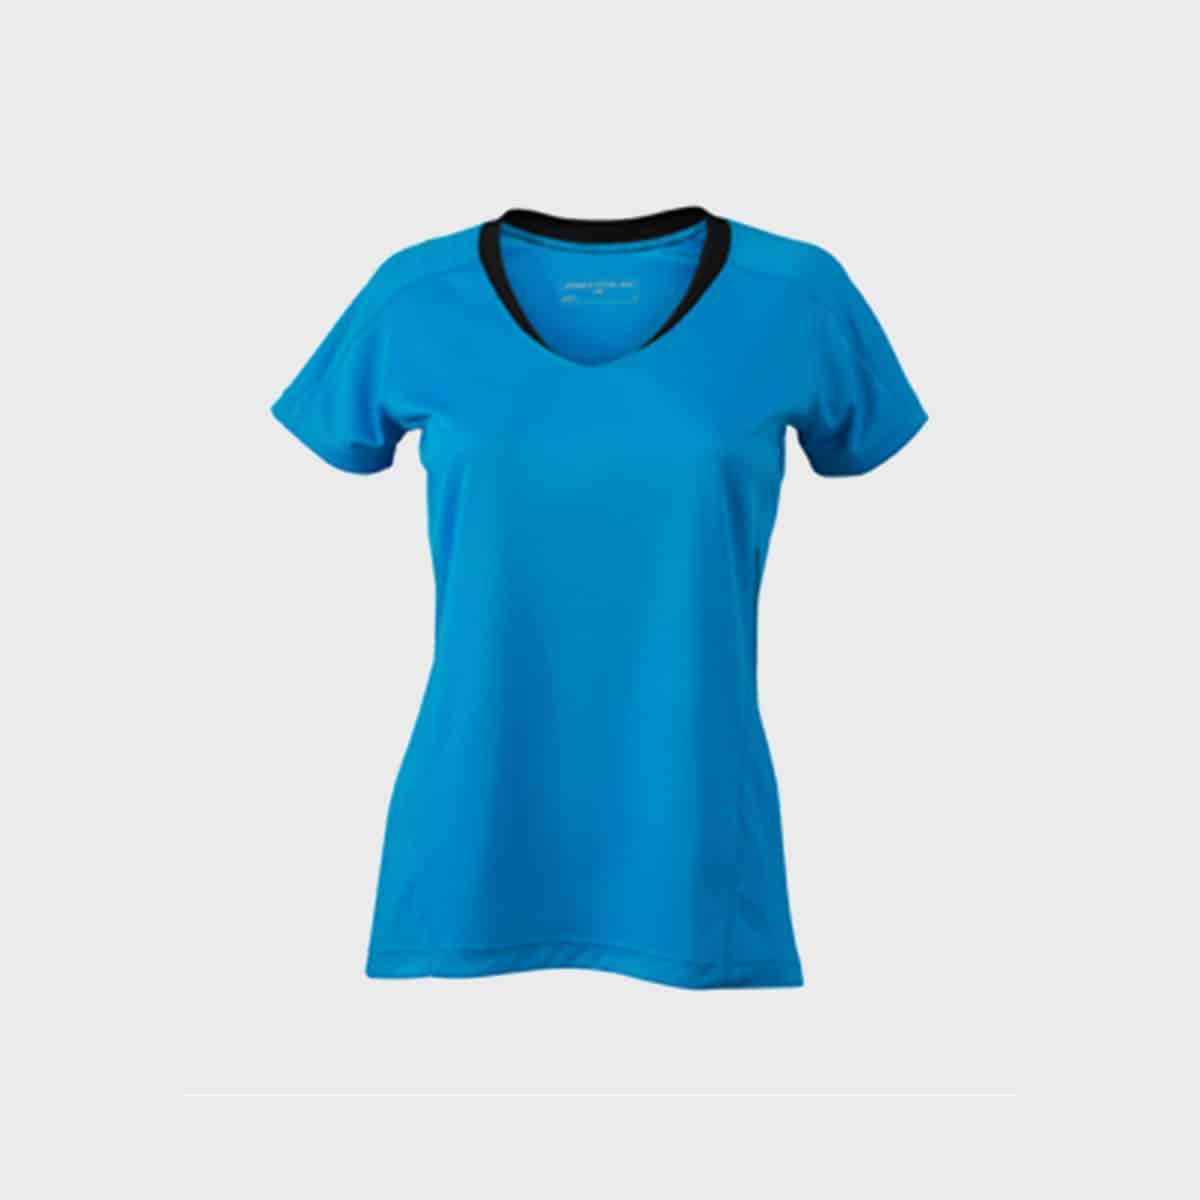 running-funktions-t-shirt-damen-kaufen-besticken_stickmanufaktur